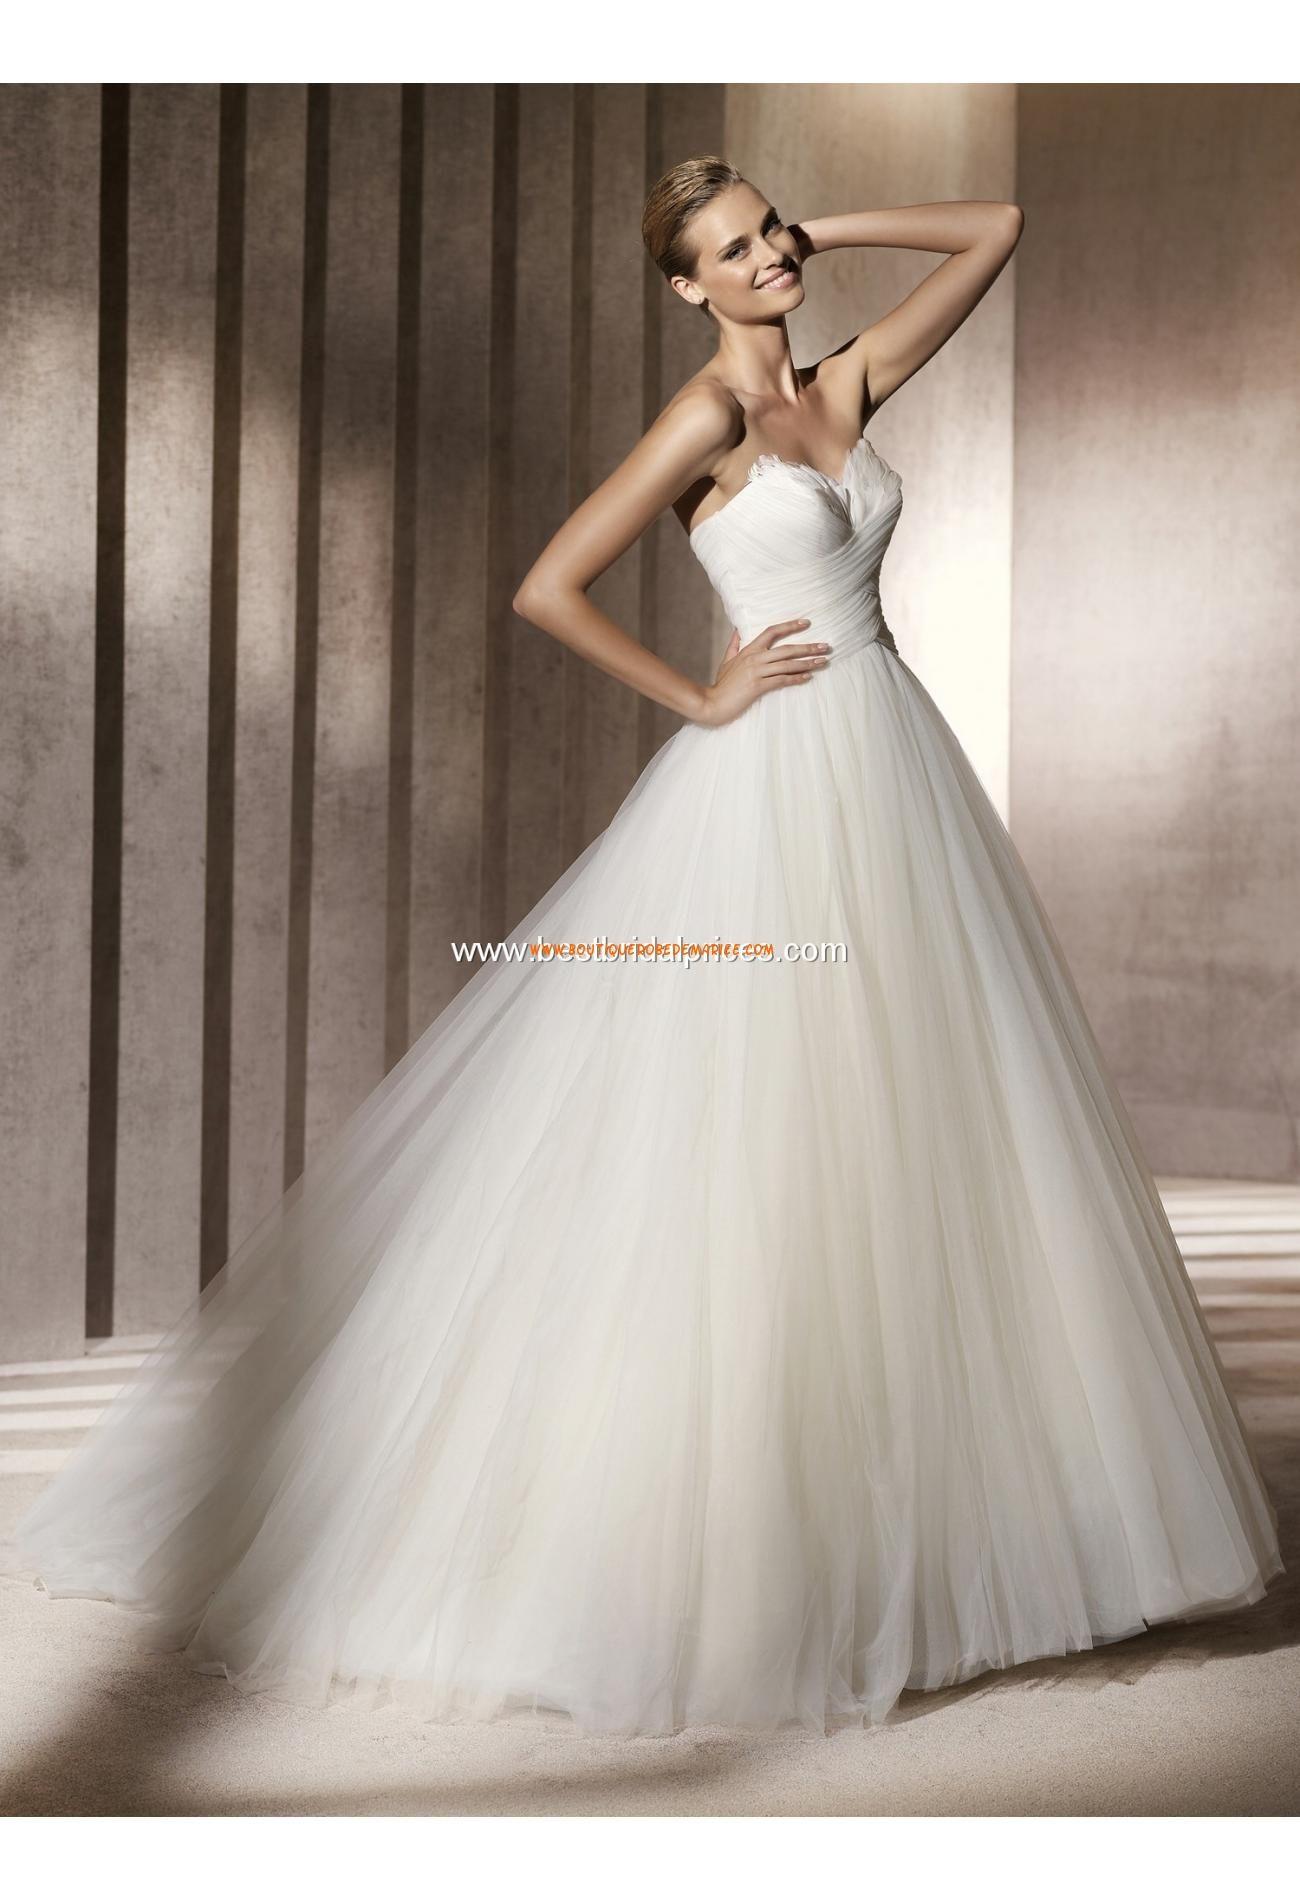 Robe de mariée princesse tulle bustier avec plumes